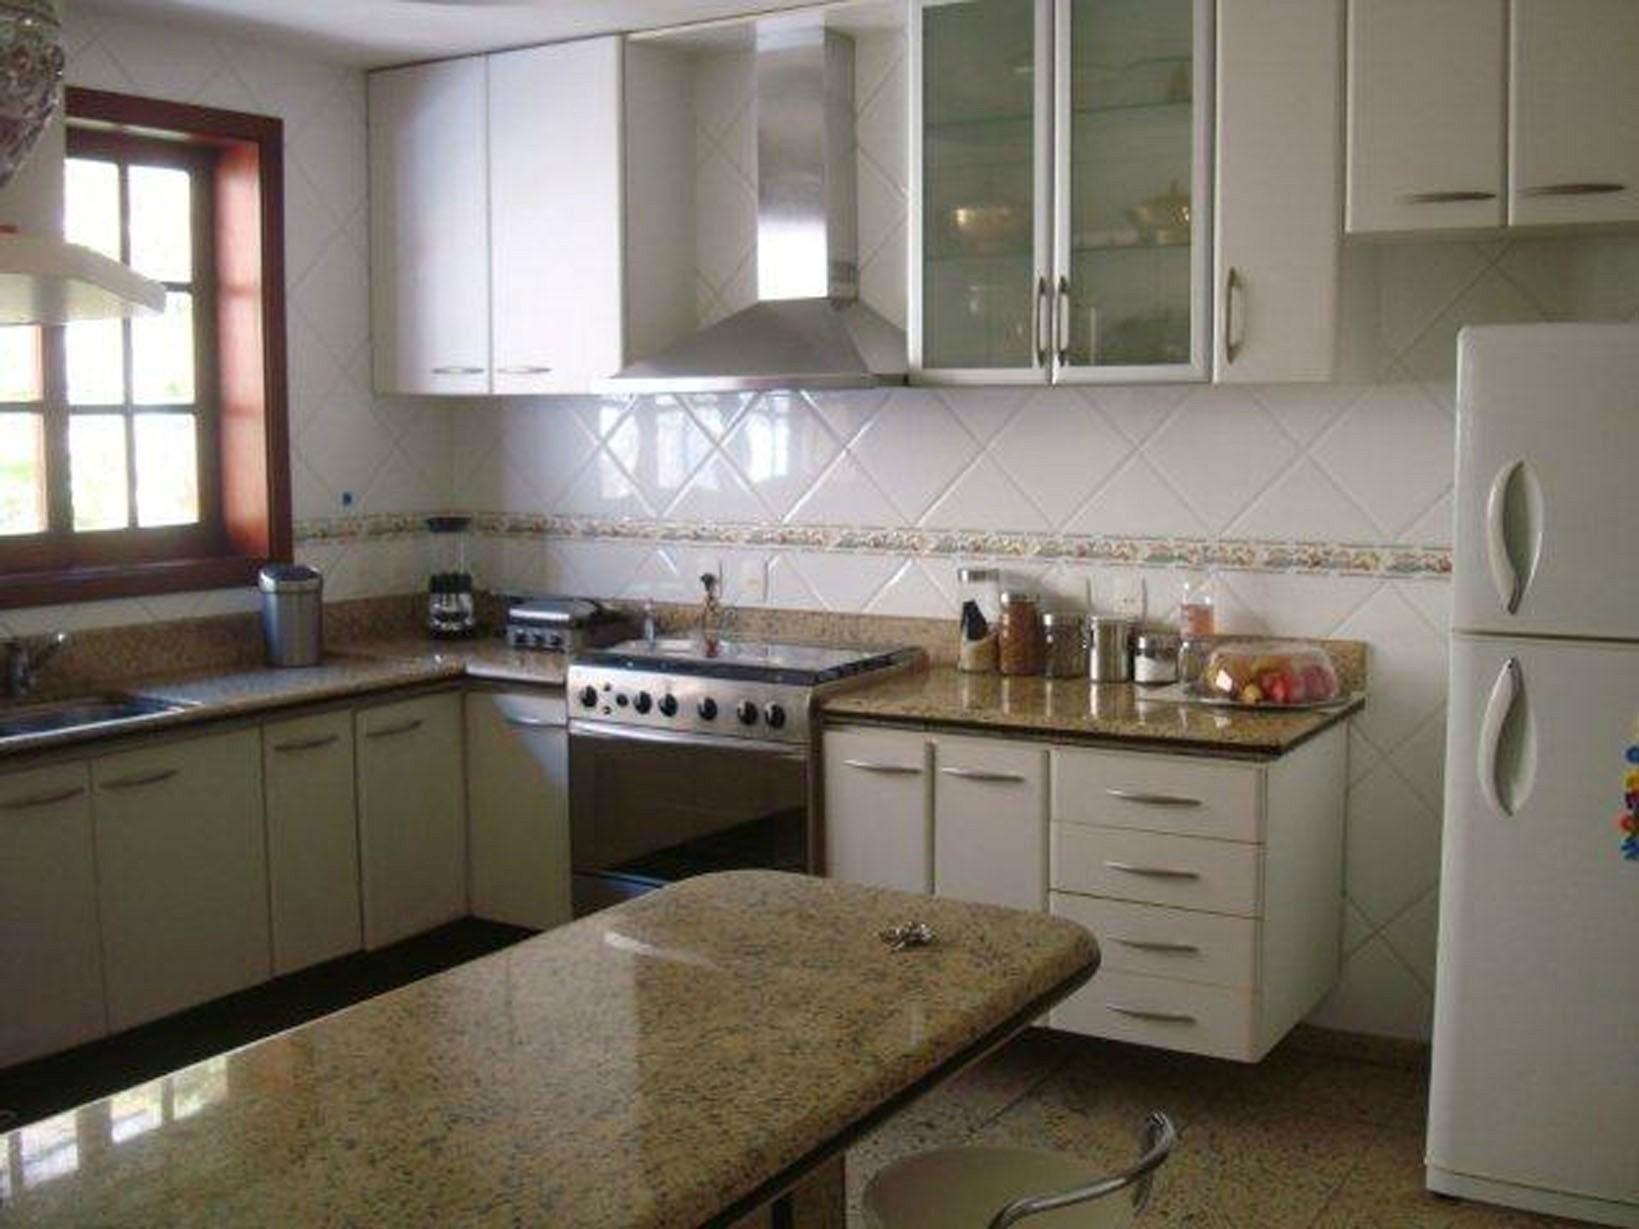 Condomínio de 4 dormitórios à venda em Valinhos, Valinhos - SP